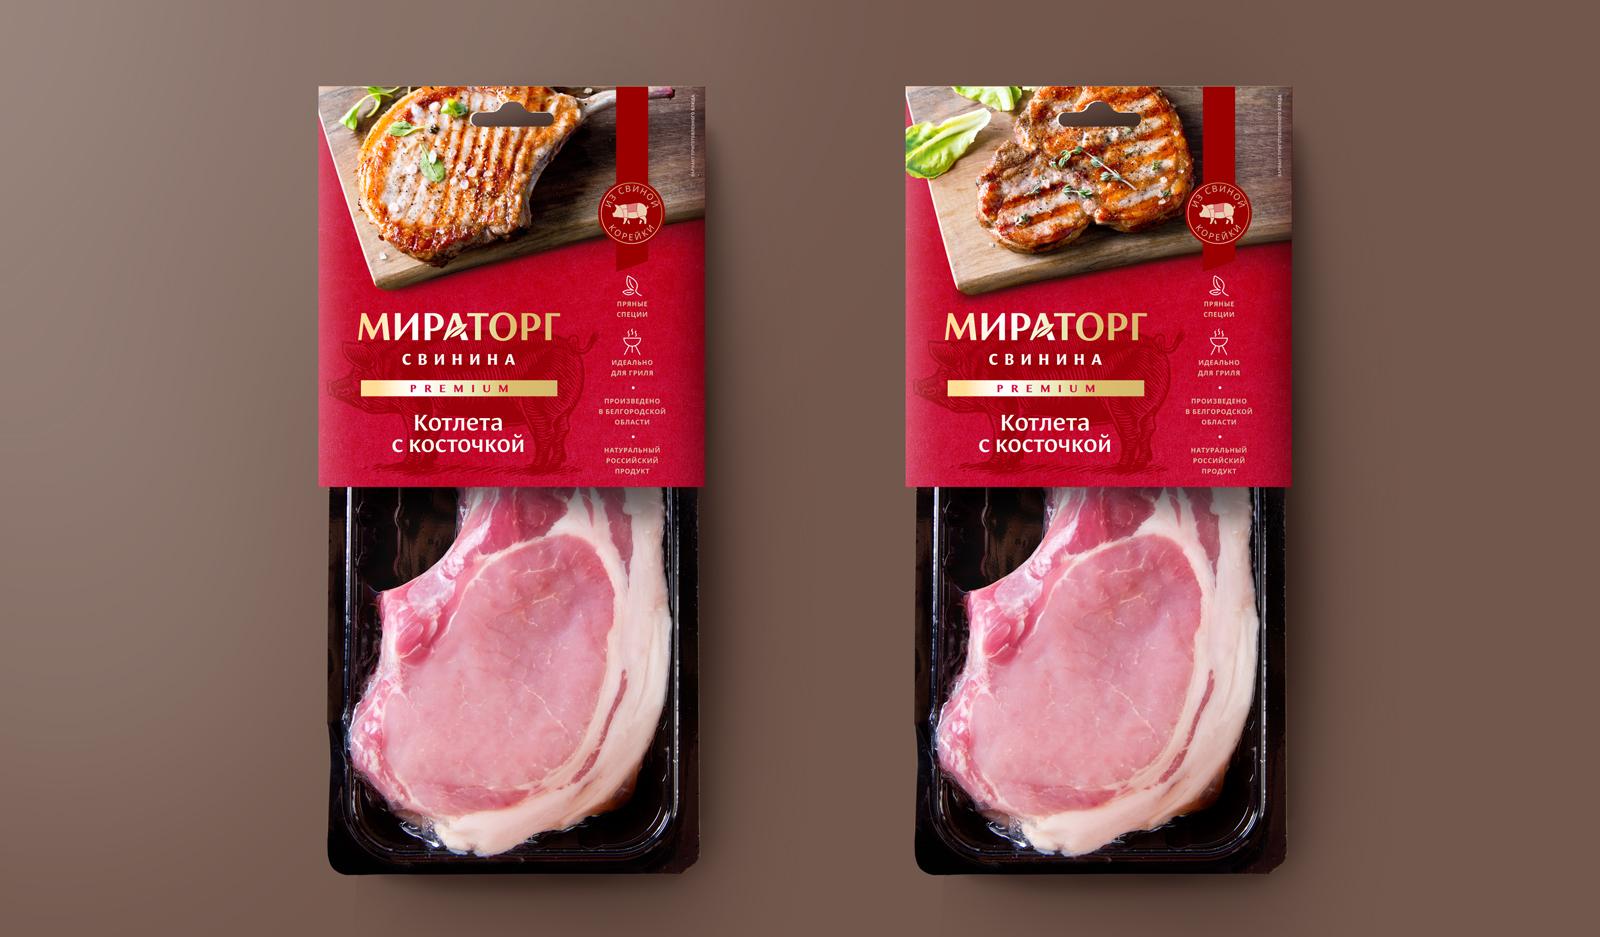 Premium линейка свинины «Мираторг» отличается гастрономическим фудстайлингом